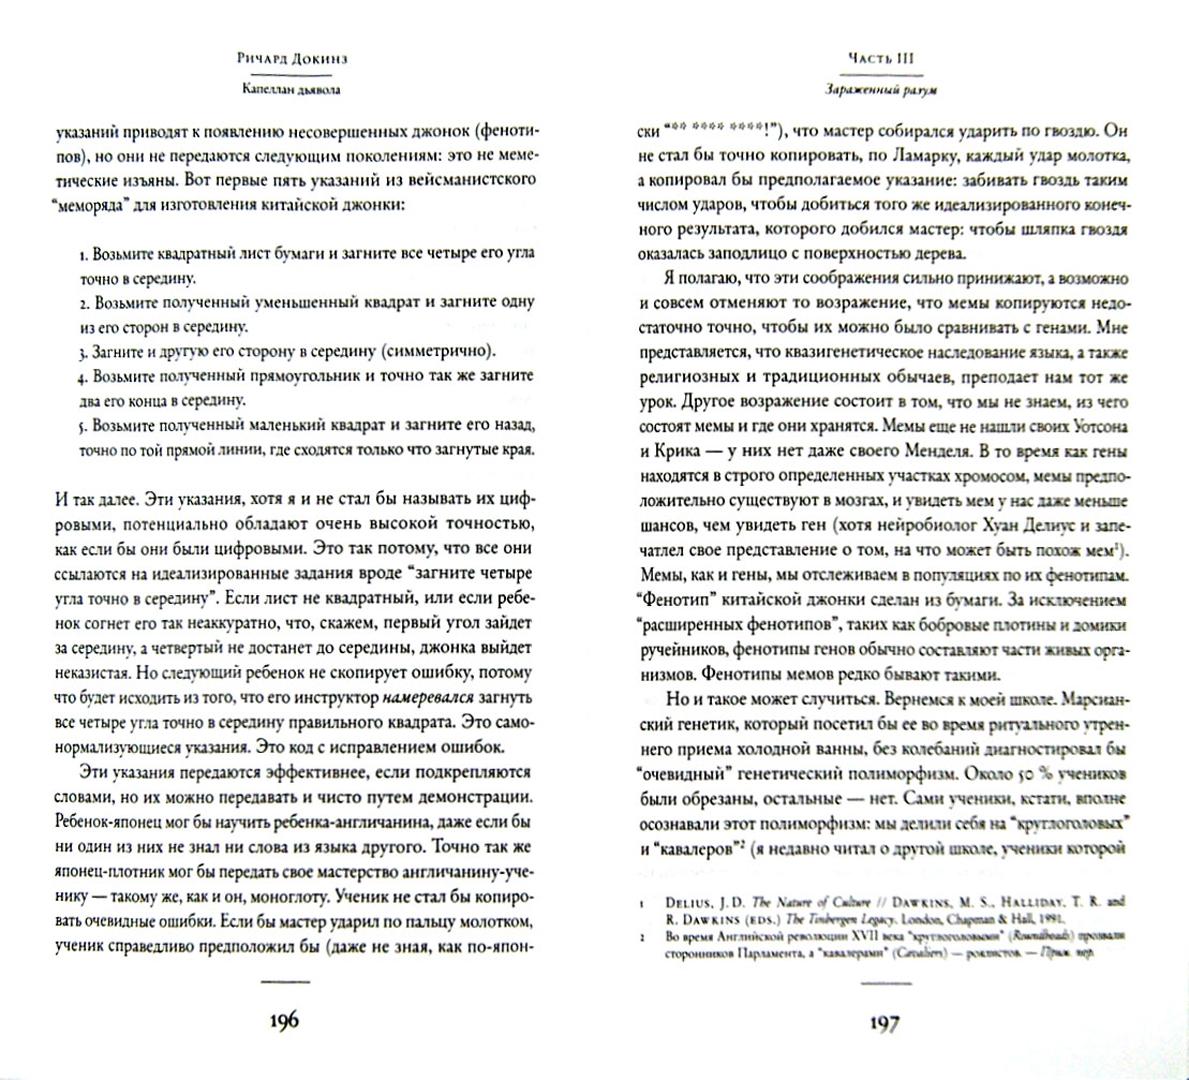 Иллюстрация 2 из 20 для Капеллан дьявола. Размышления о надежде, лжи, науке и любви - Ричард Докинз | Лабиринт - книги. Источник: Лабиринт